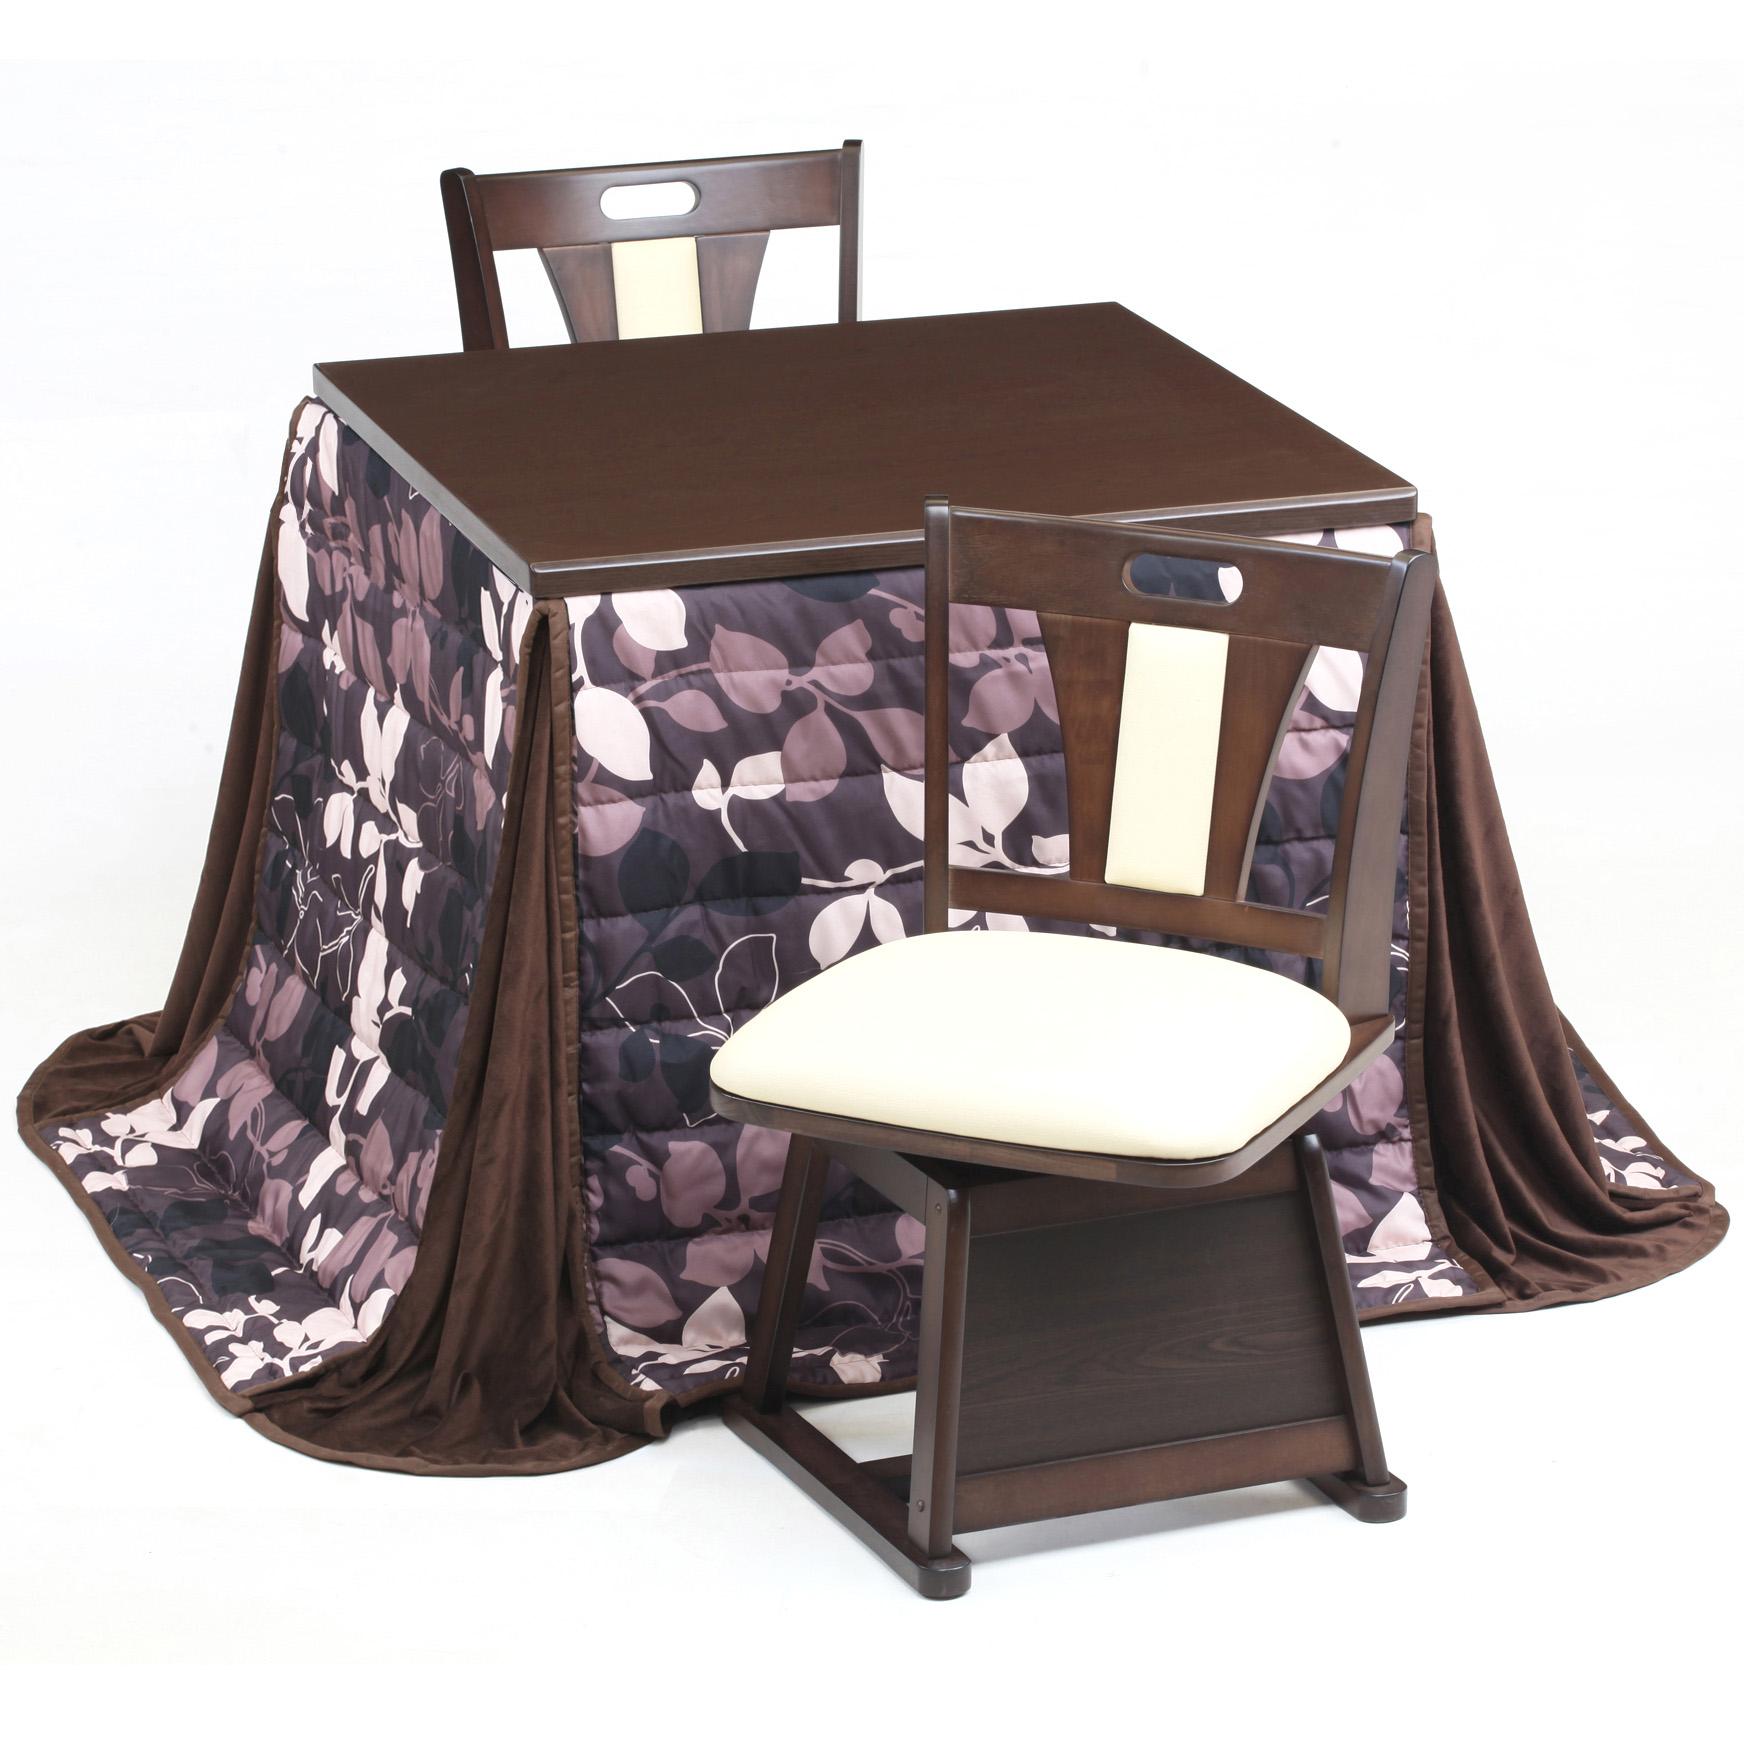 ダイニングこたつテーブル 4点セット スタンダード80 ハイタイプ (イス2脚)(布団付)